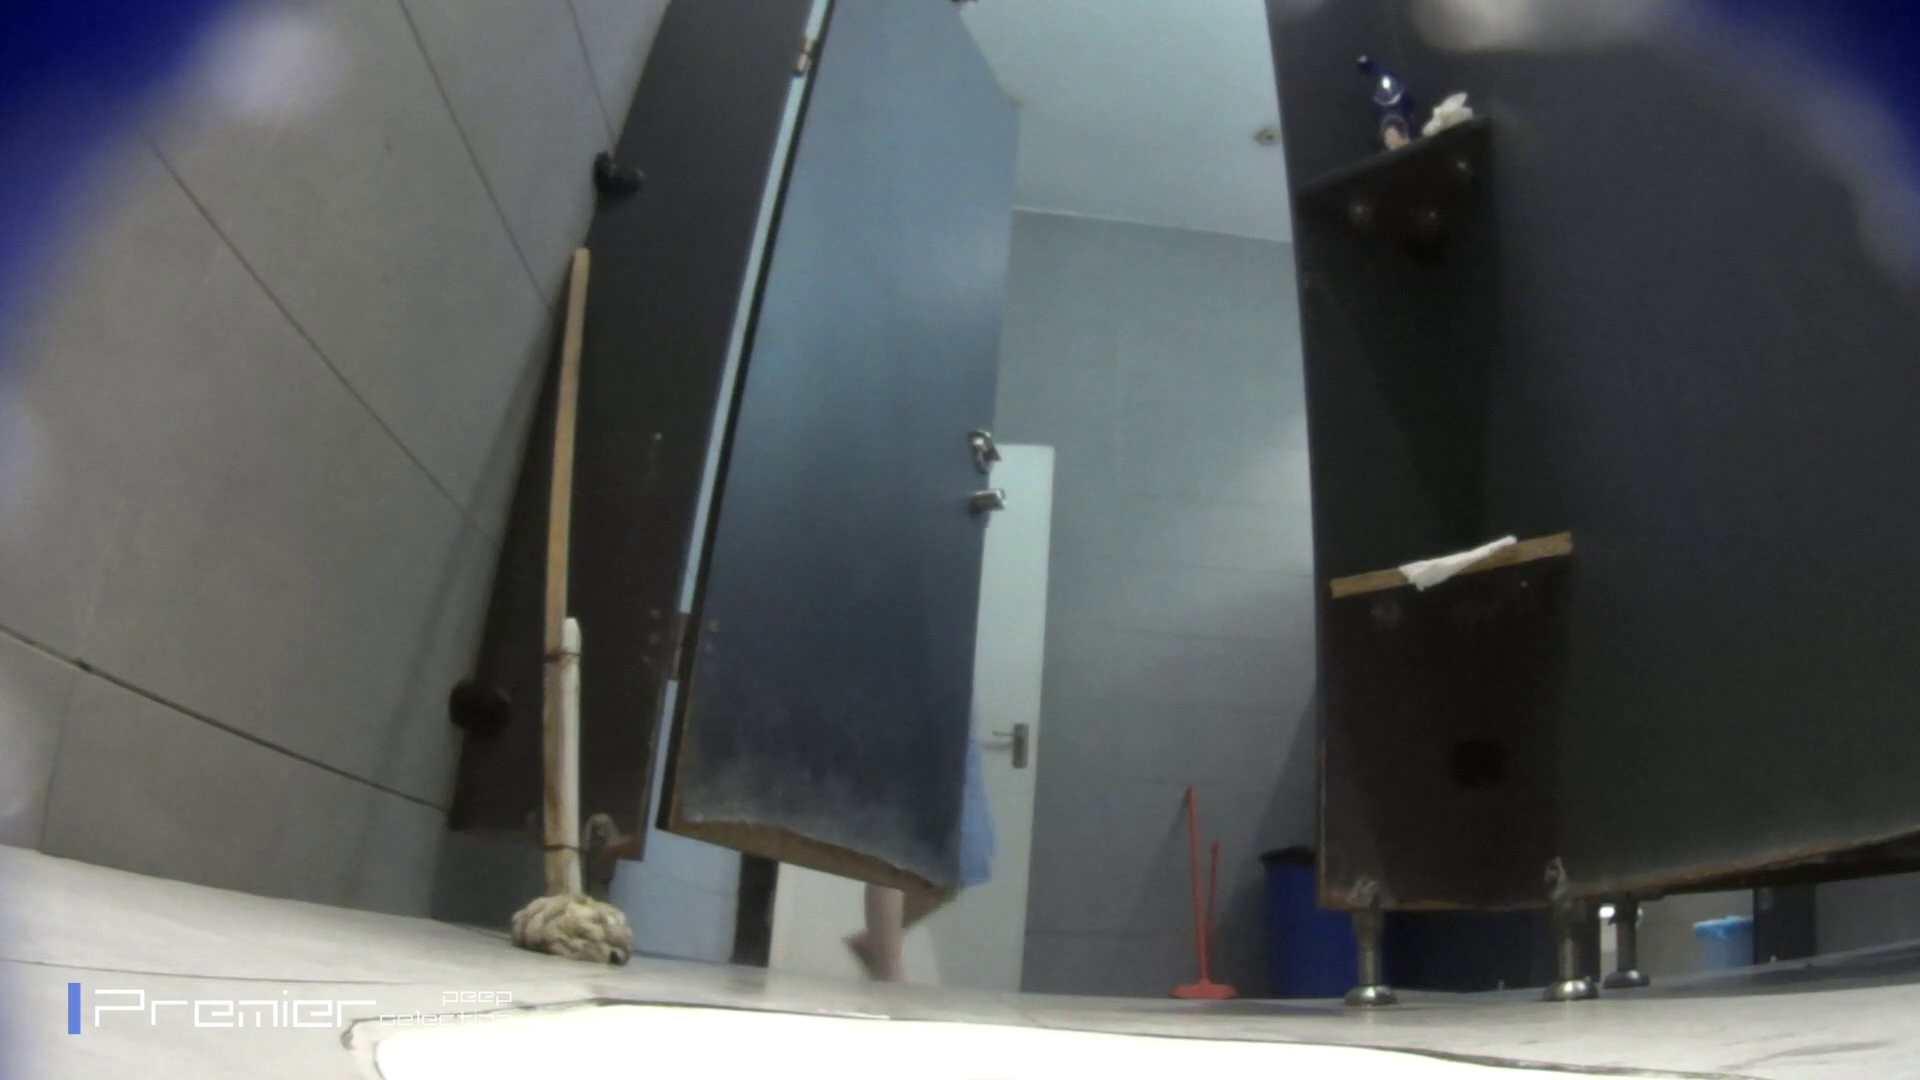 個室のドアを開けたまま放nyoする乙女 大学休憩時間の洗面所事情85 洗面所 | 細身  96画像 5